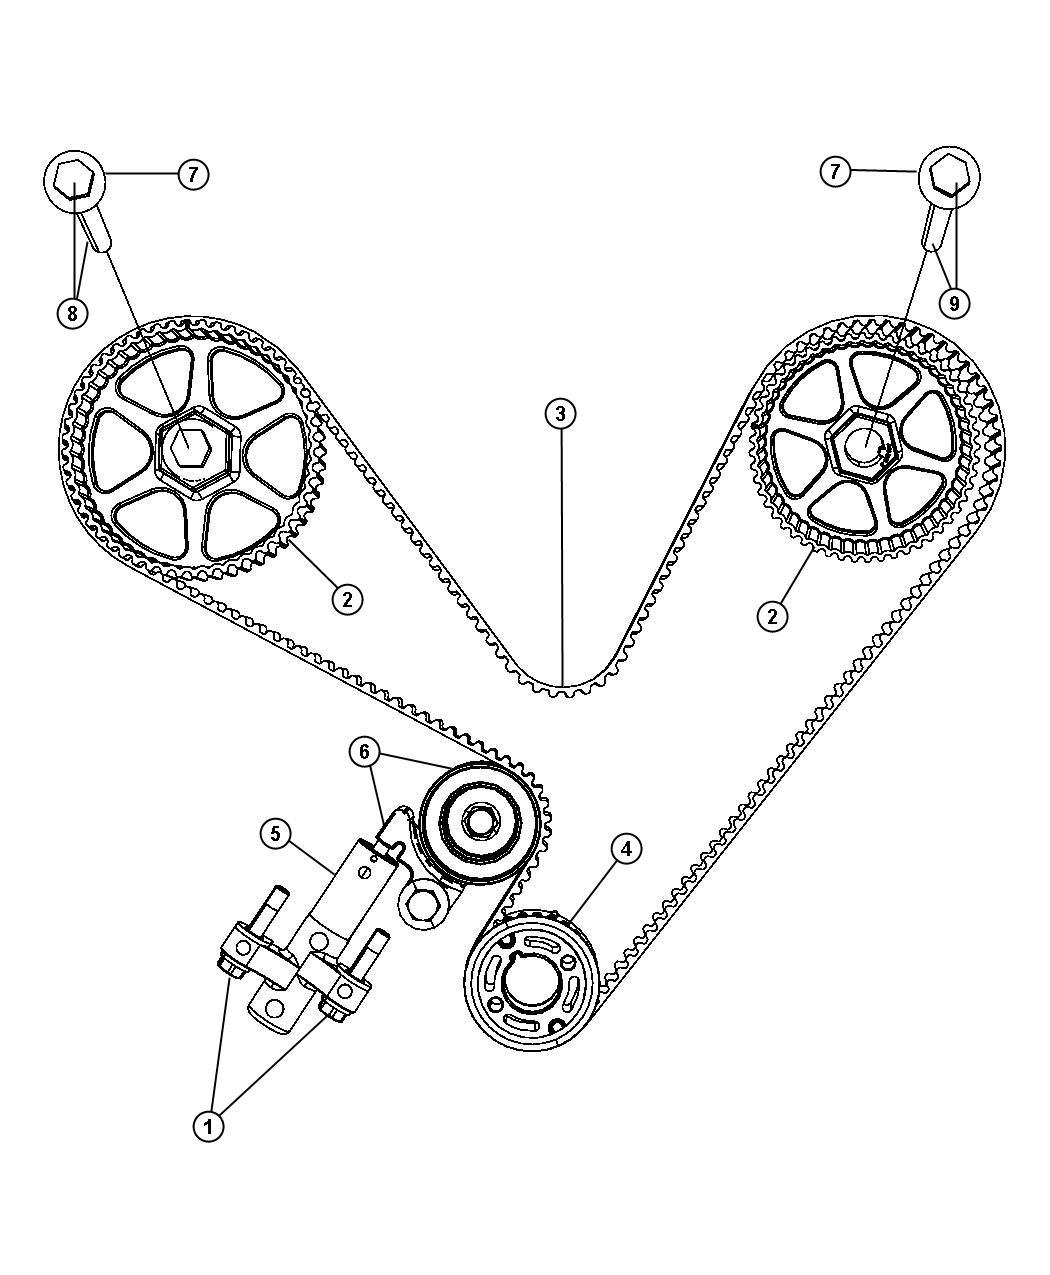 DIAGRAM 2009 Dodge Nitro Engine Timing Diagram